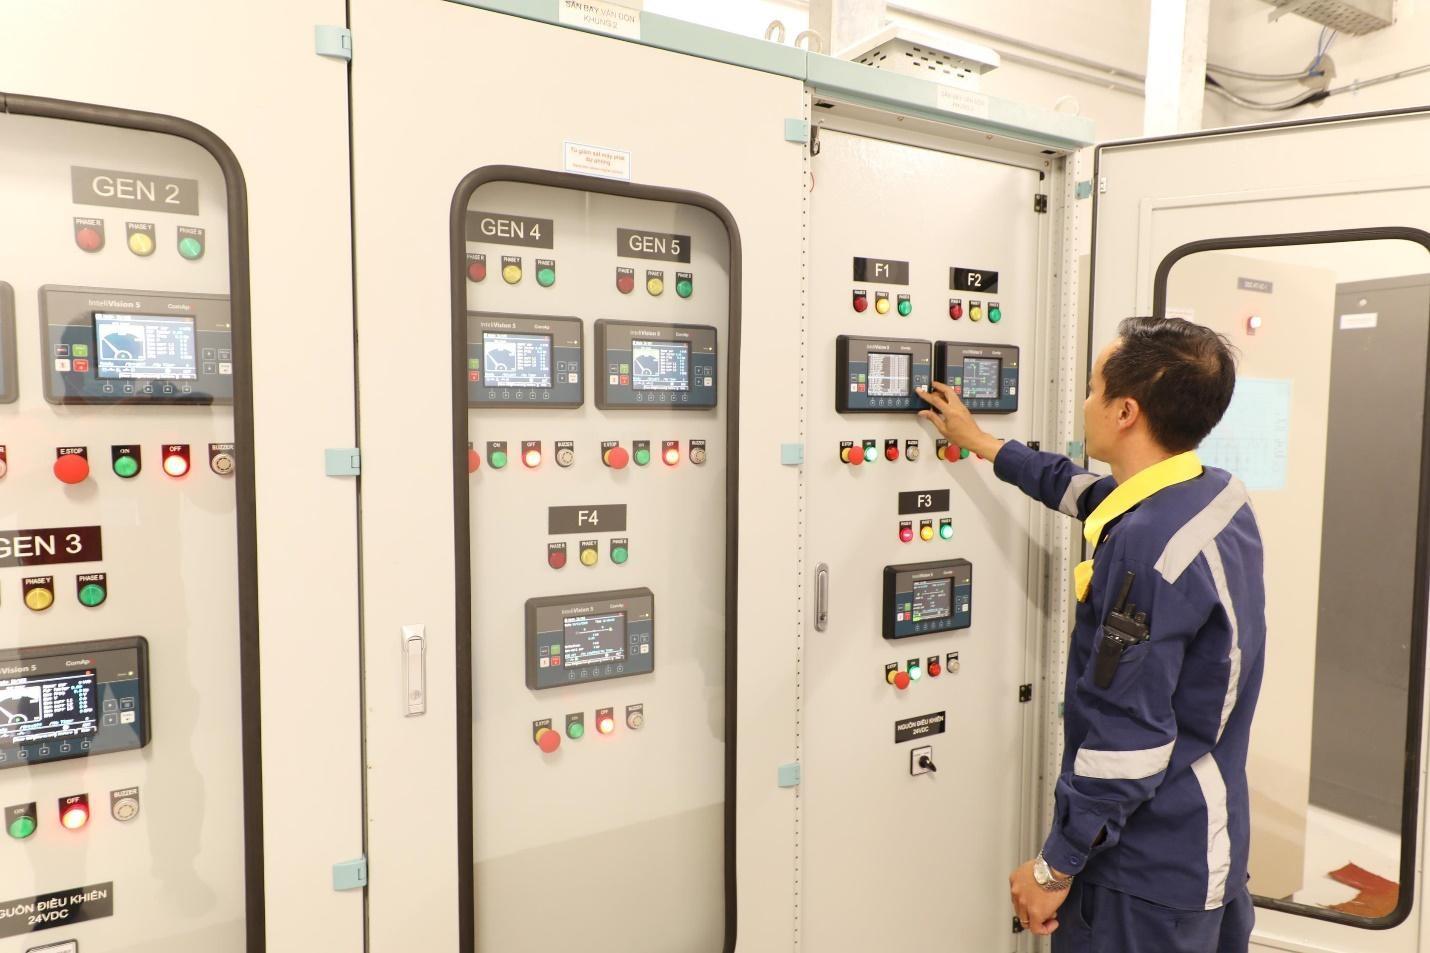 Hệ thống công nghệ tại sân bay hiện đại nhất Việt Nam có gì? - Ảnh 6